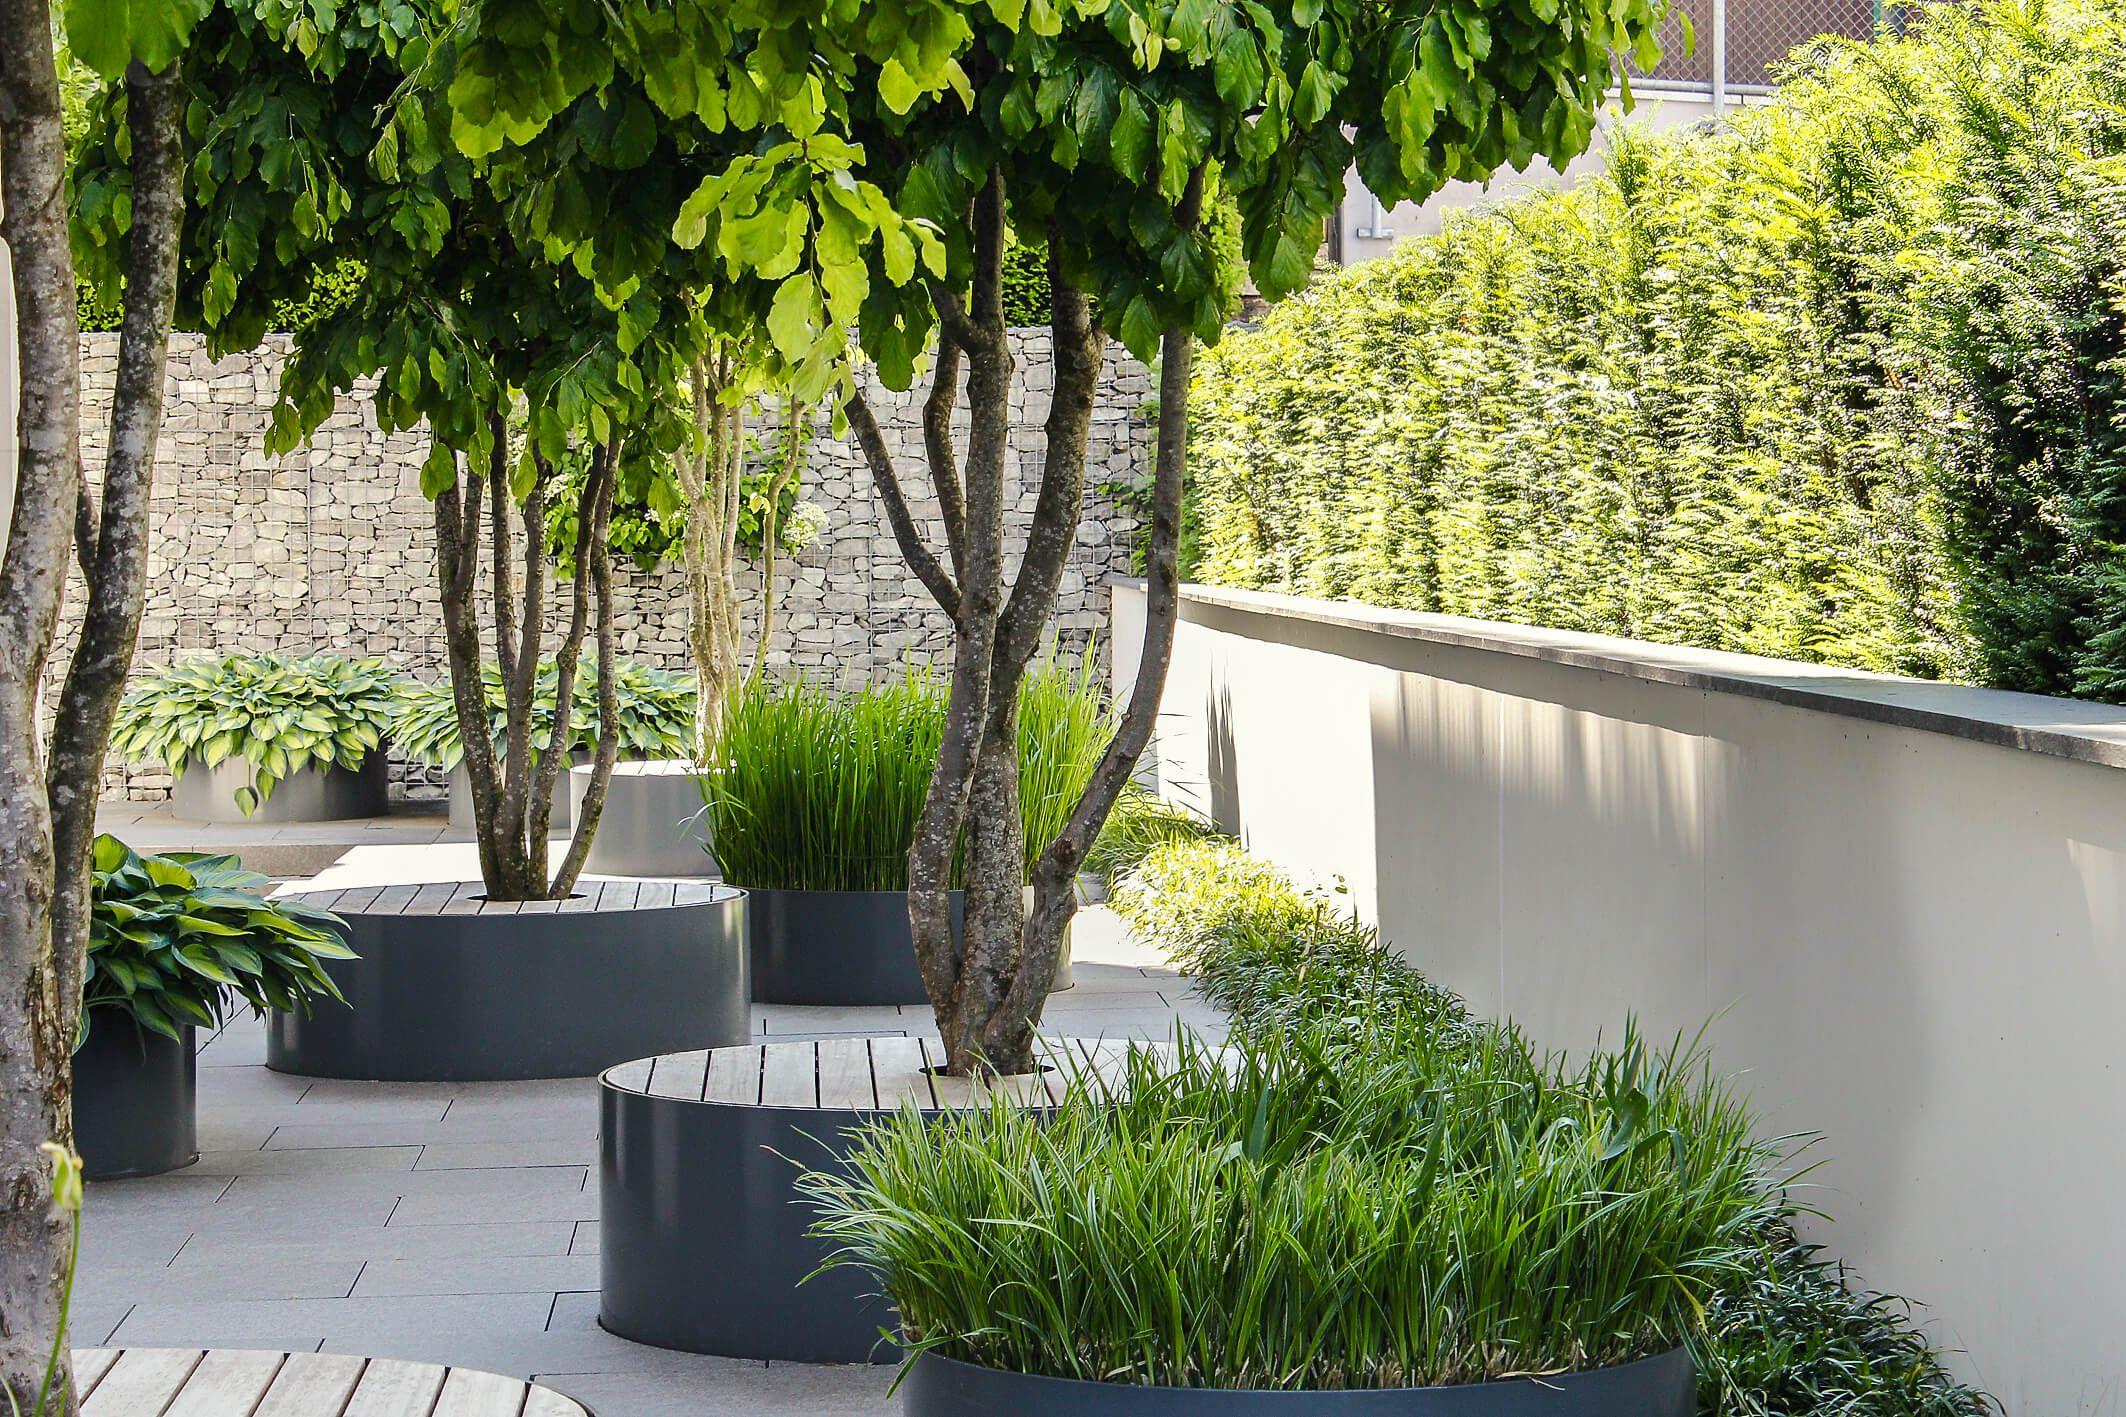 eine gute idee pflanztr ge gleichzeitig als sitzm bel zu. Black Bedroom Furniture Sets. Home Design Ideas